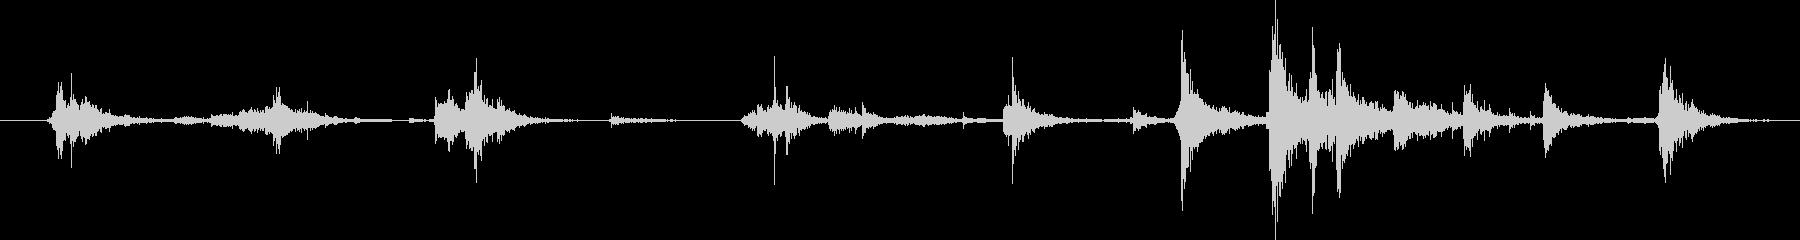 アルミステップラダー:ムーブメント...の未再生の波形